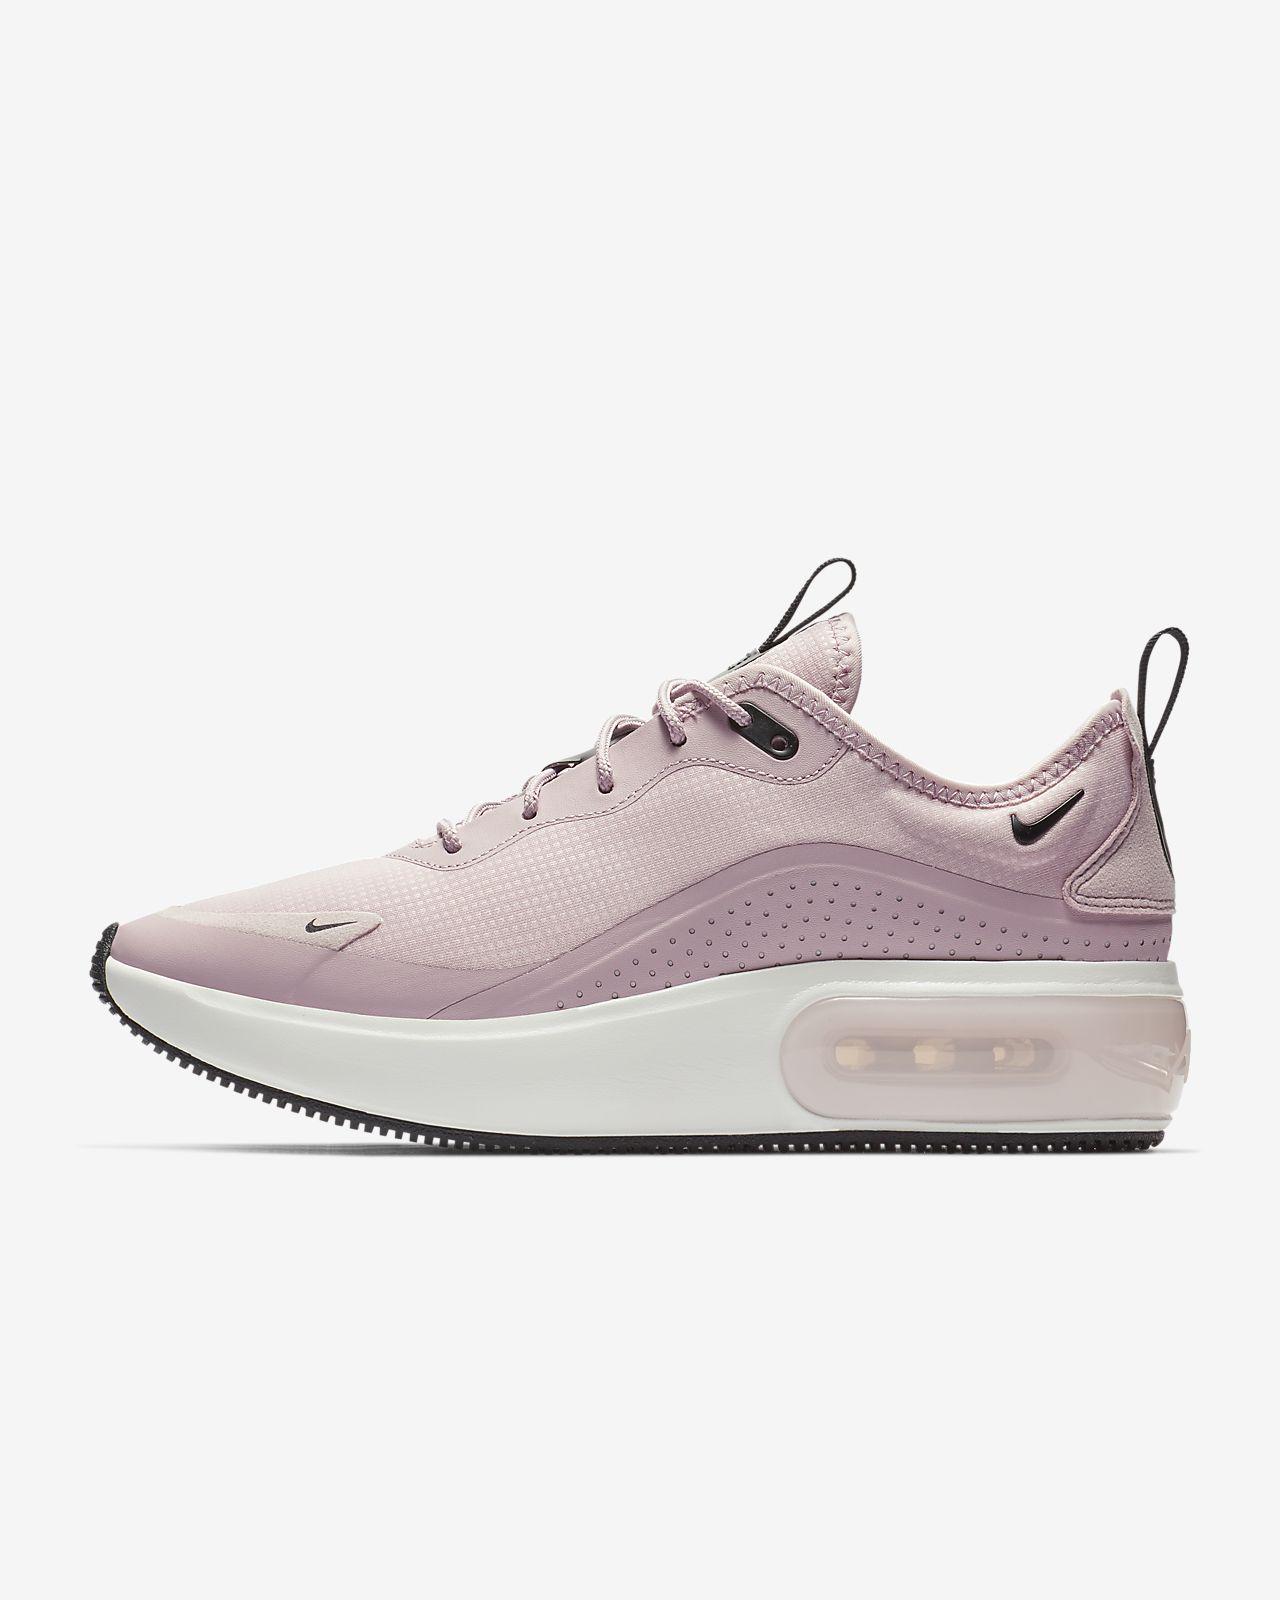 Παπούτσι Nike Air Max Dia